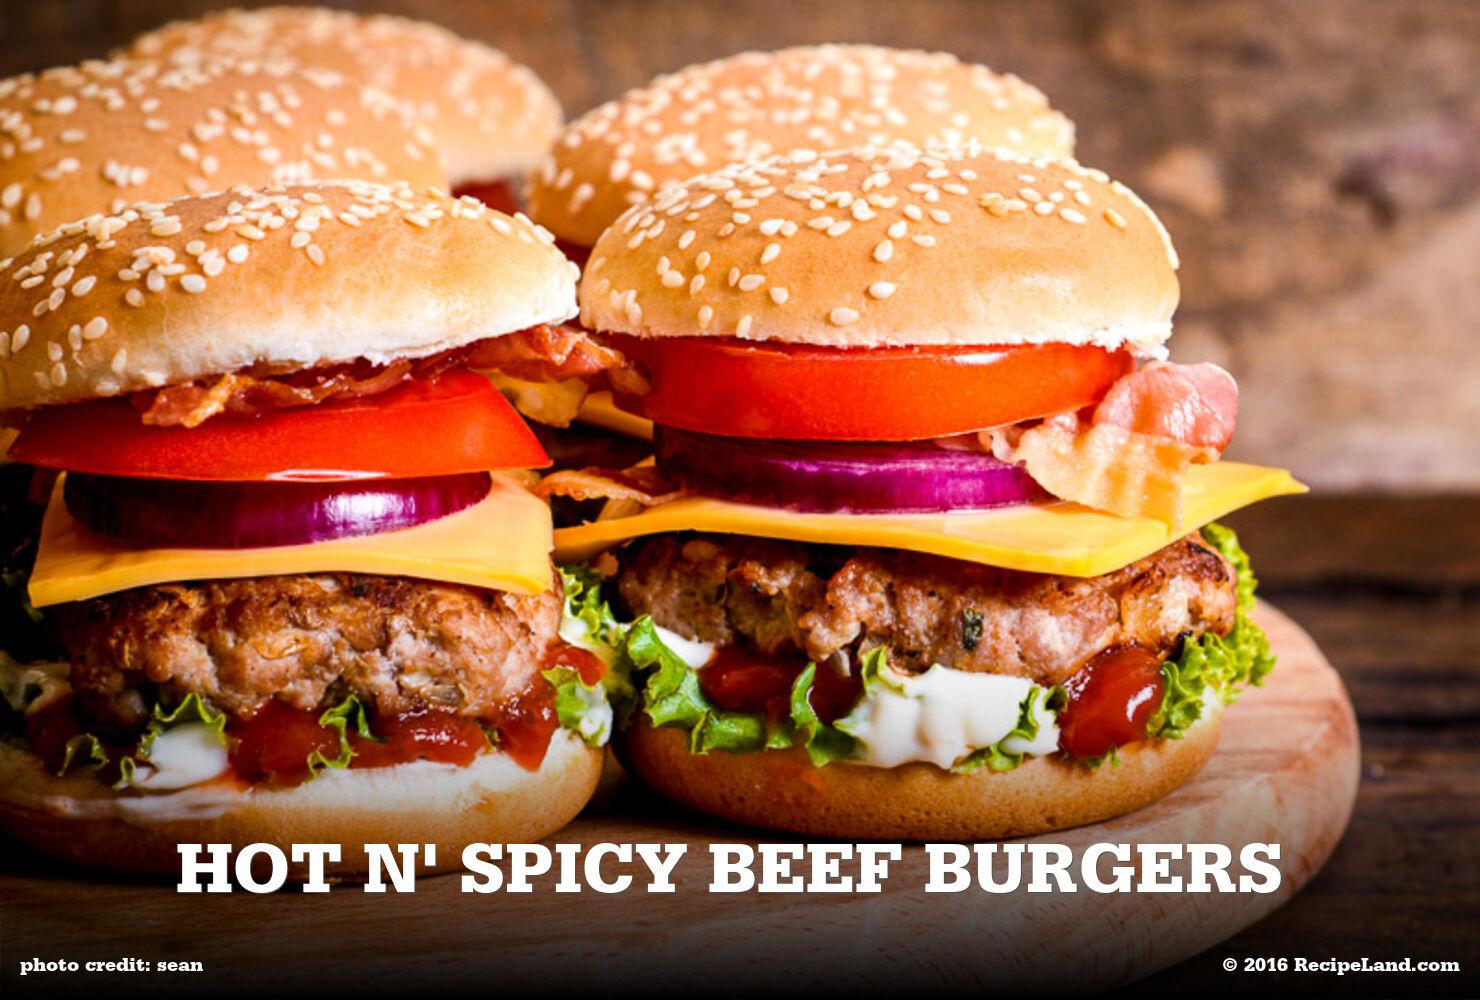 Hot N' Spicy Beef Burgers